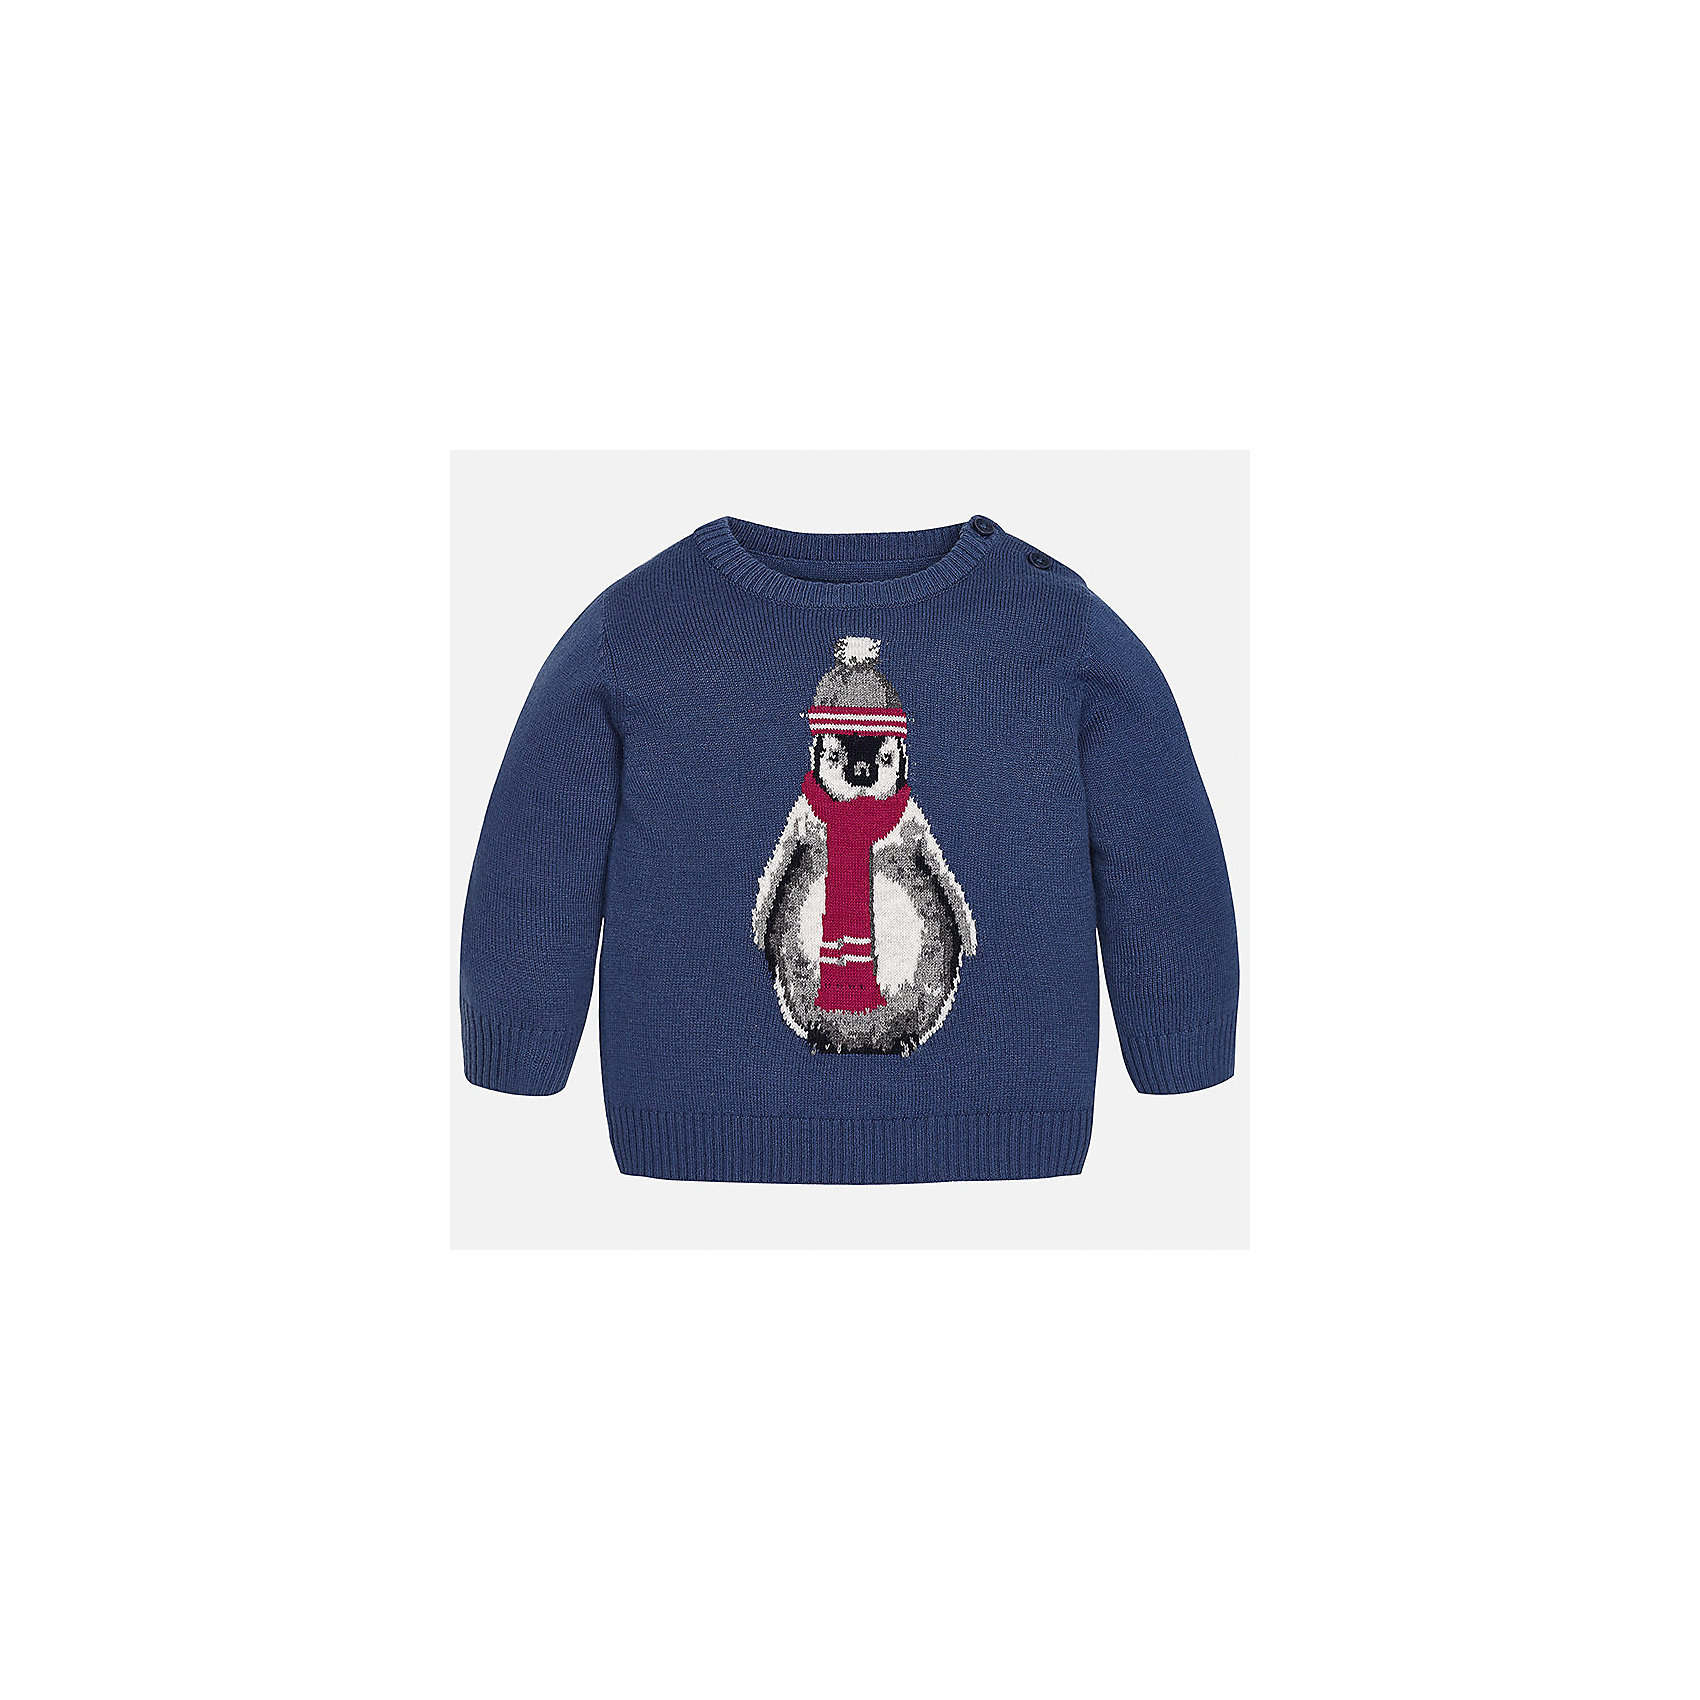 Свитер для мальчика MayoralТолстовки, свитера, кардиганы<br>Характеристики товара:<br><br>• цвет: синий<br>• состав ткани: 60% хлопок, 30% полиамид, 10% шерсть<br>• сезон: демисезон<br>• особенности модели: вязаный рисунок<br>• манжеты<br>• длинные рукава<br>• страна бренда: Испания<br>• страна изготовитель: Индия<br><br>Оригинальный свитер для мальчика Mayoral удобно сидит по фигуре. Этот детский свитер сделан из приятного на ощупь материала. Отличный способ обеспечить ребенку комфорт и аккуратный внешний вид - надеть детский свитер от Mayoral. Свитер для мальчика украшен оригинальным декором. <br><br>Свитер для мальчика Mayoral (Майорал) можно купить в нашем интернет-магазине.<br><br>Ширина мм: 190<br>Глубина мм: 74<br>Высота мм: 229<br>Вес г: 236<br>Цвет: бежевый<br>Возраст от месяцев: 24<br>Возраст до месяцев: 36<br>Пол: Мужской<br>Возраст: Детский<br>Размер: 98,74,80,86,92<br>SKU: 6935111